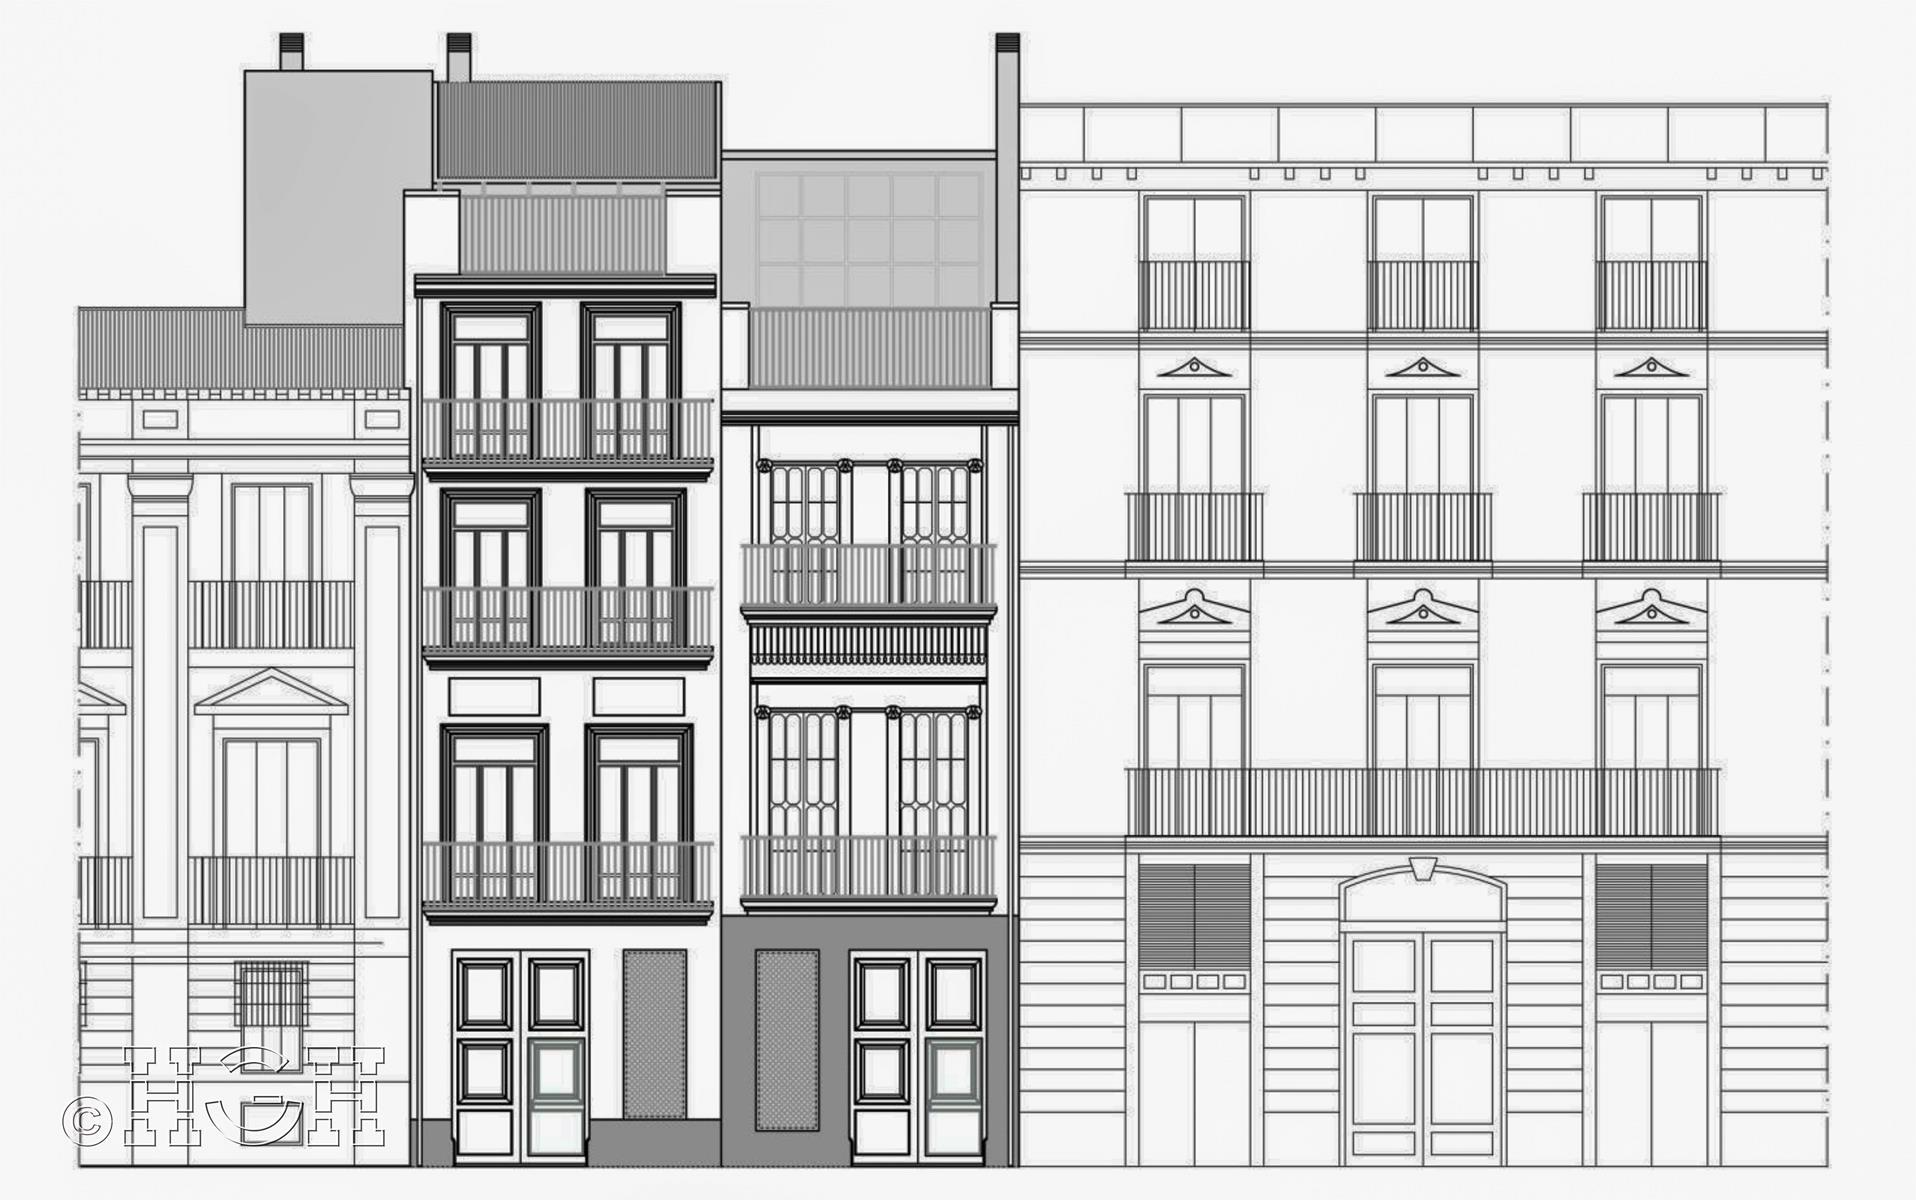 Proyectos de valencia trendy imagen with proyectos de for Edificio oficinas valencia